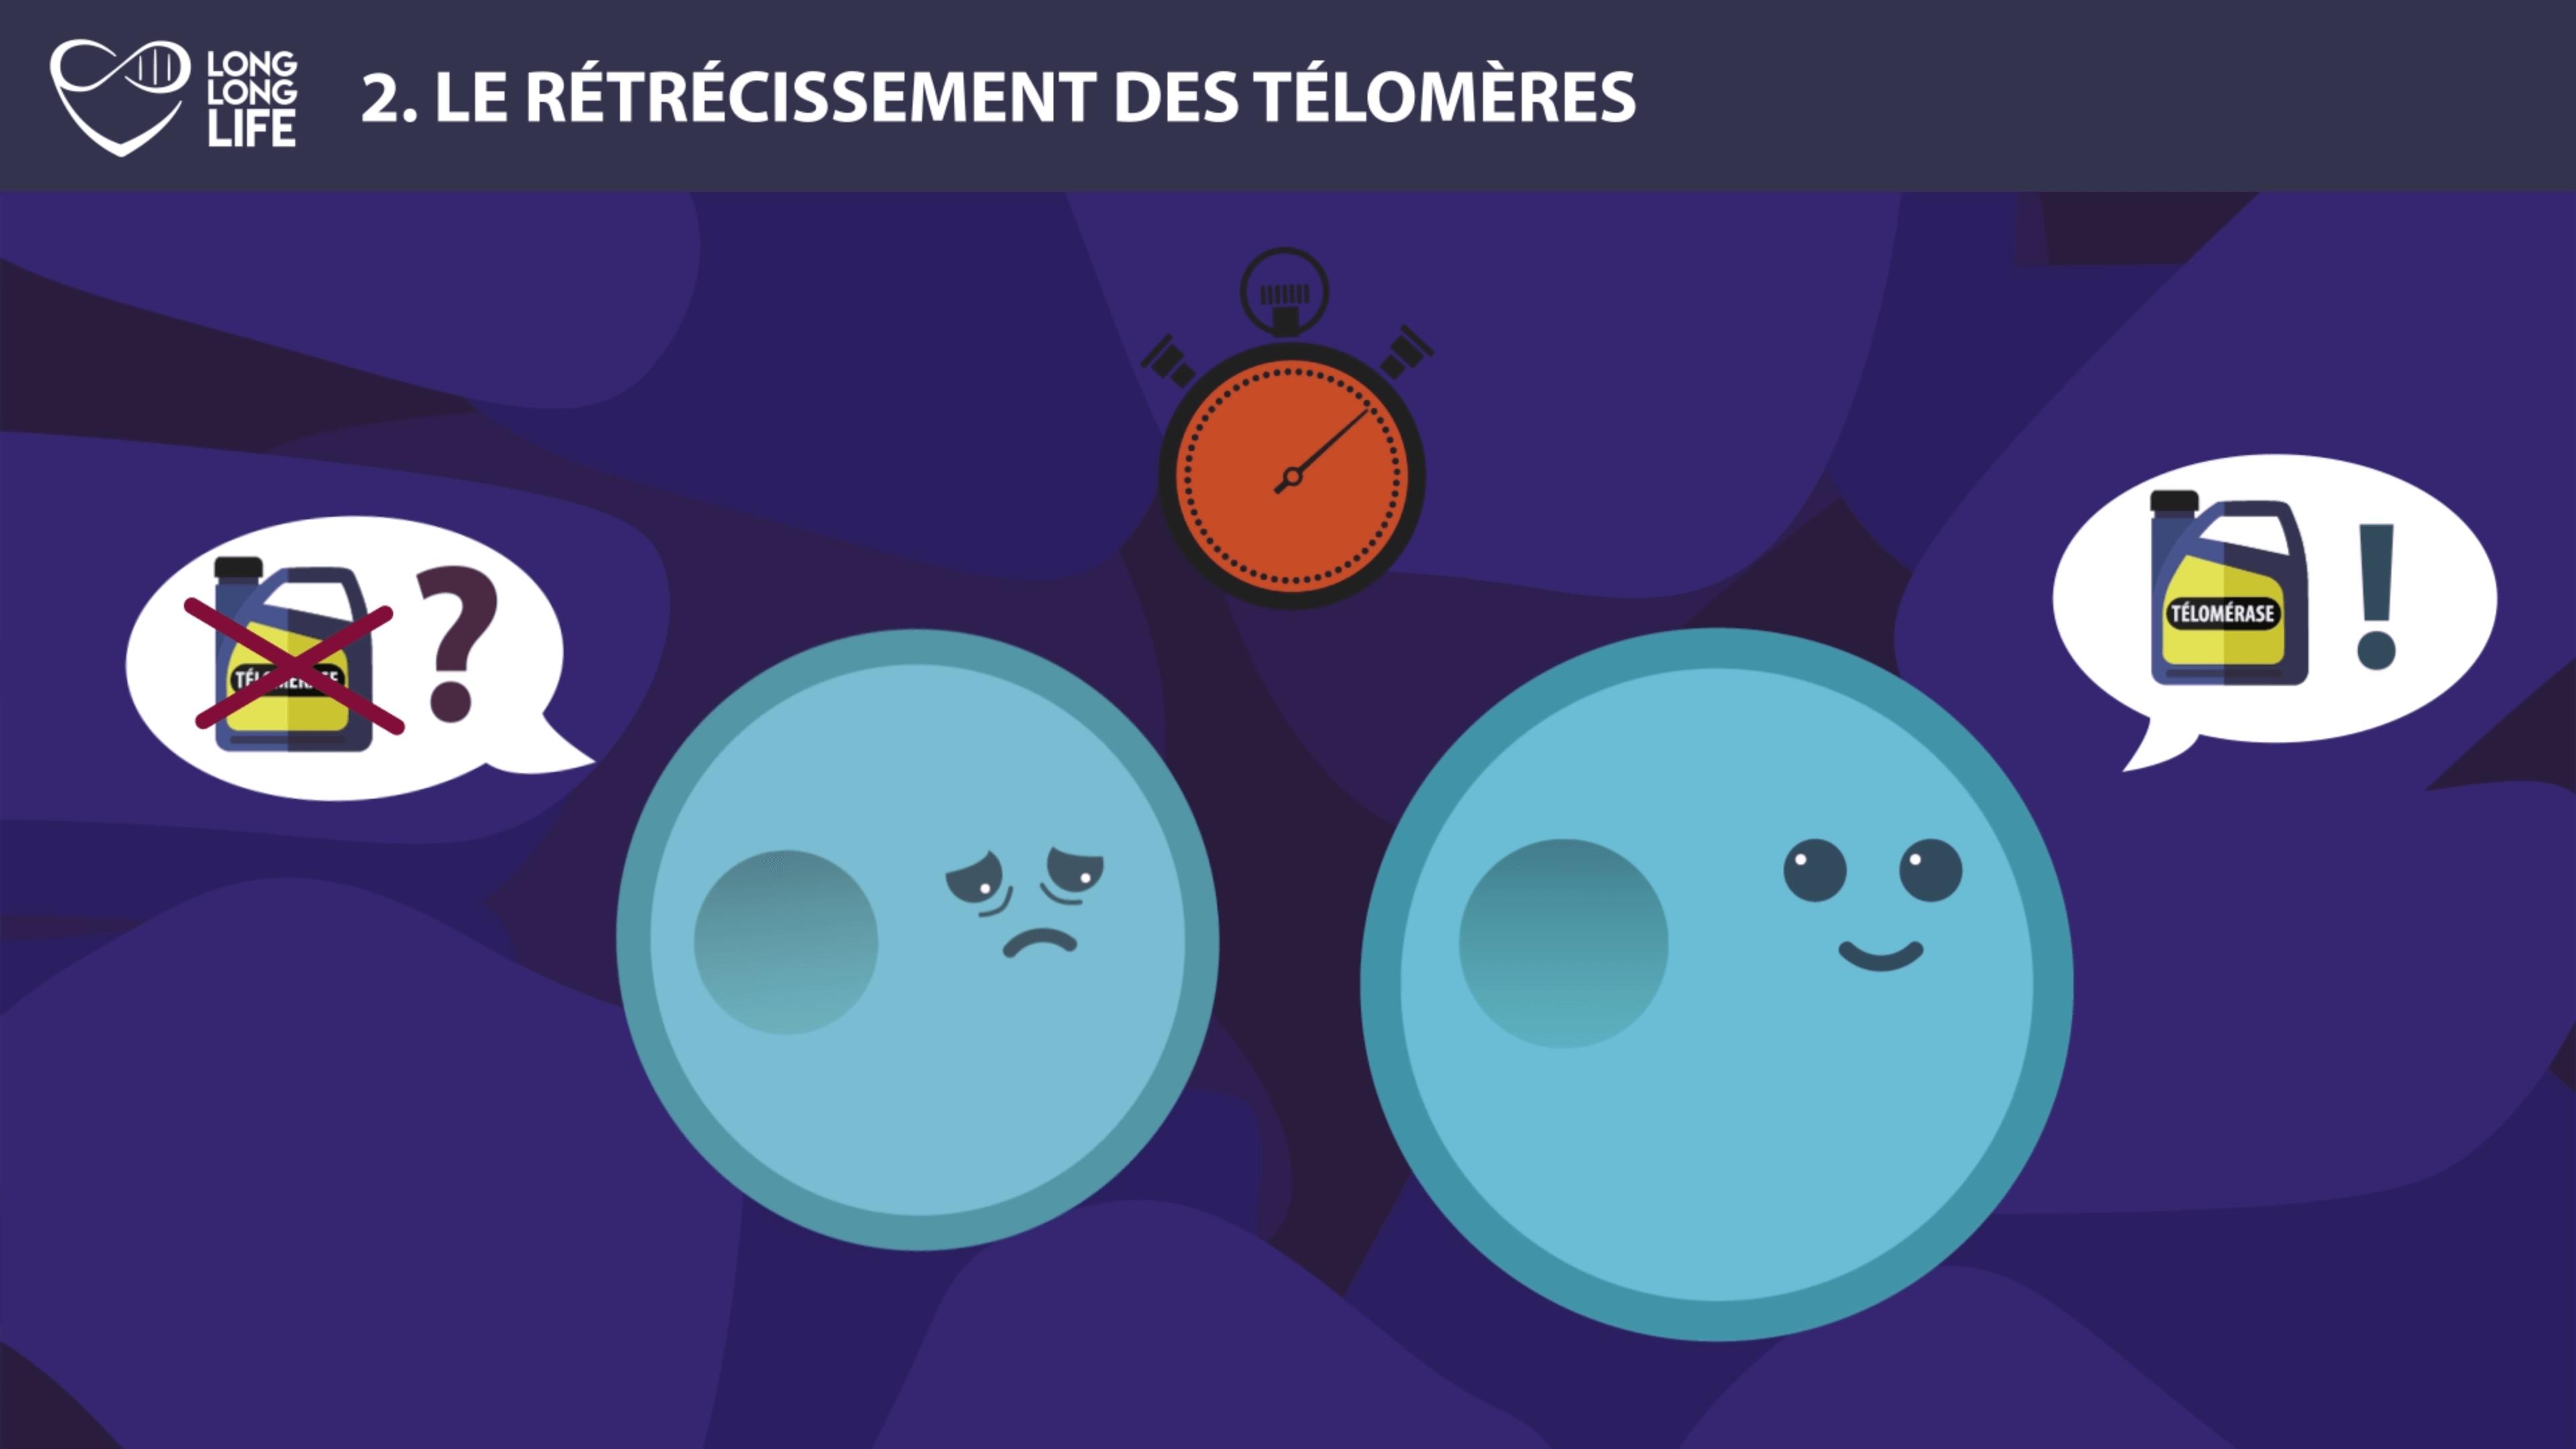 Télomérase 2 - Long Long Life 9 causes du vieillissement longévité transhumanisme